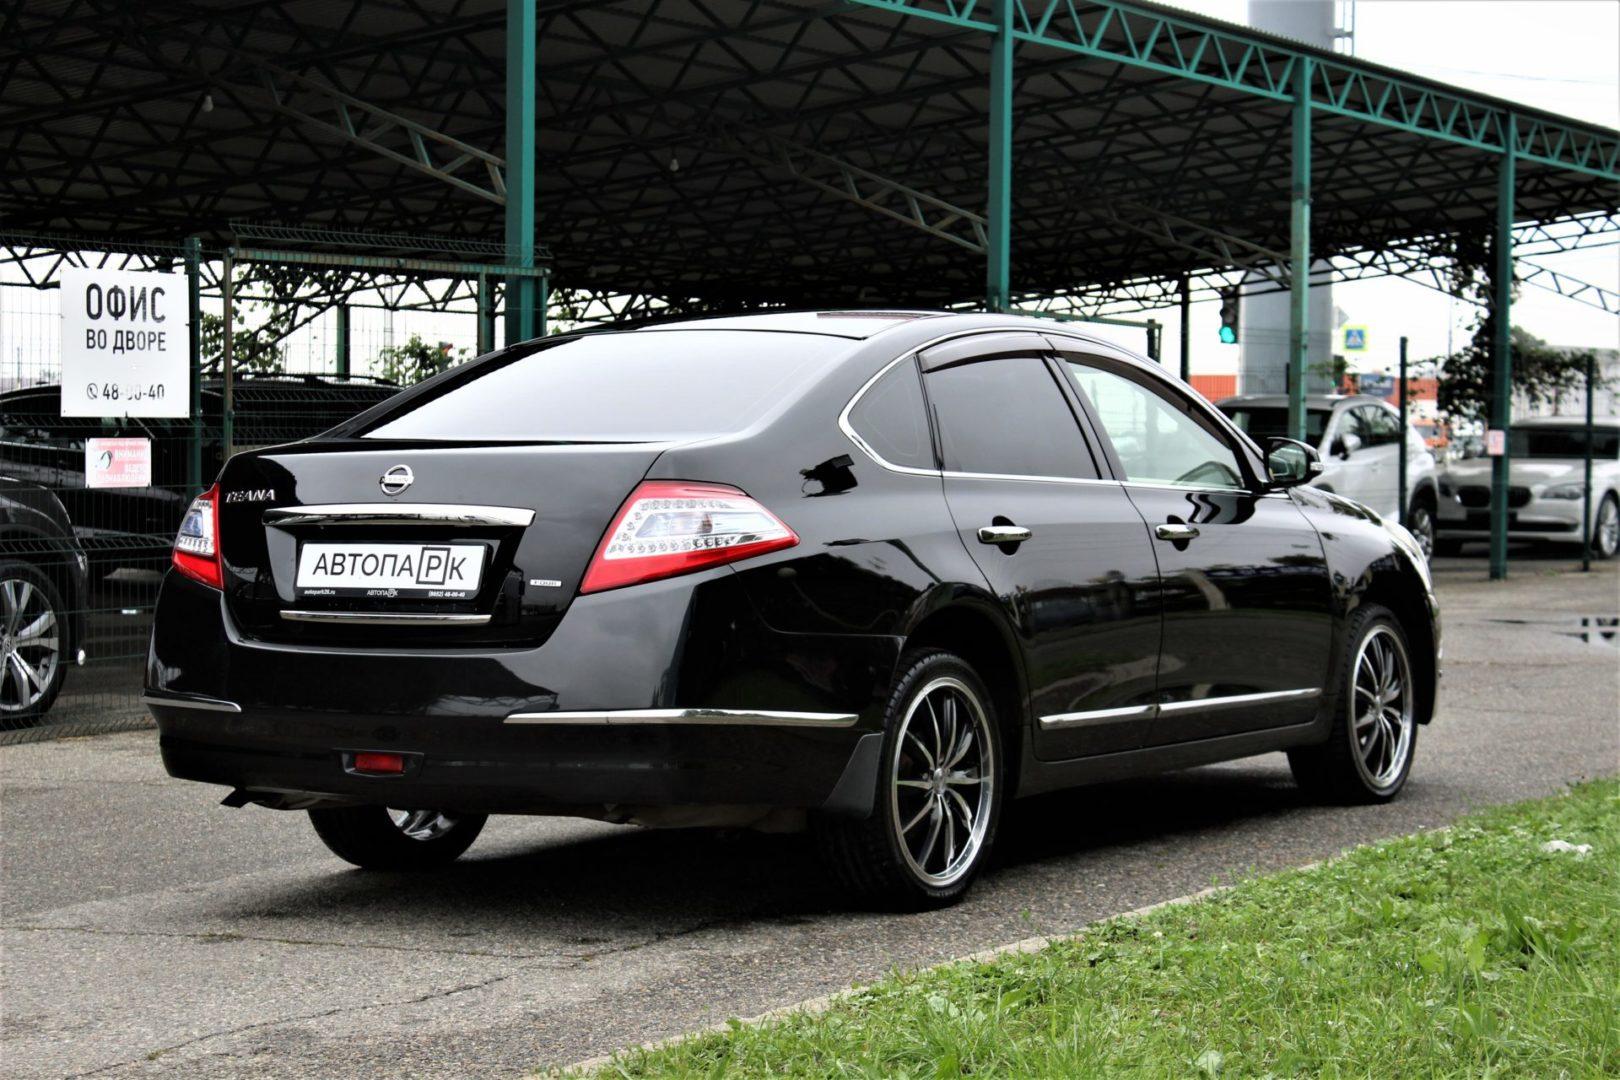 Купить Nissan Teana (Черный) - Автопарк Ставрополь